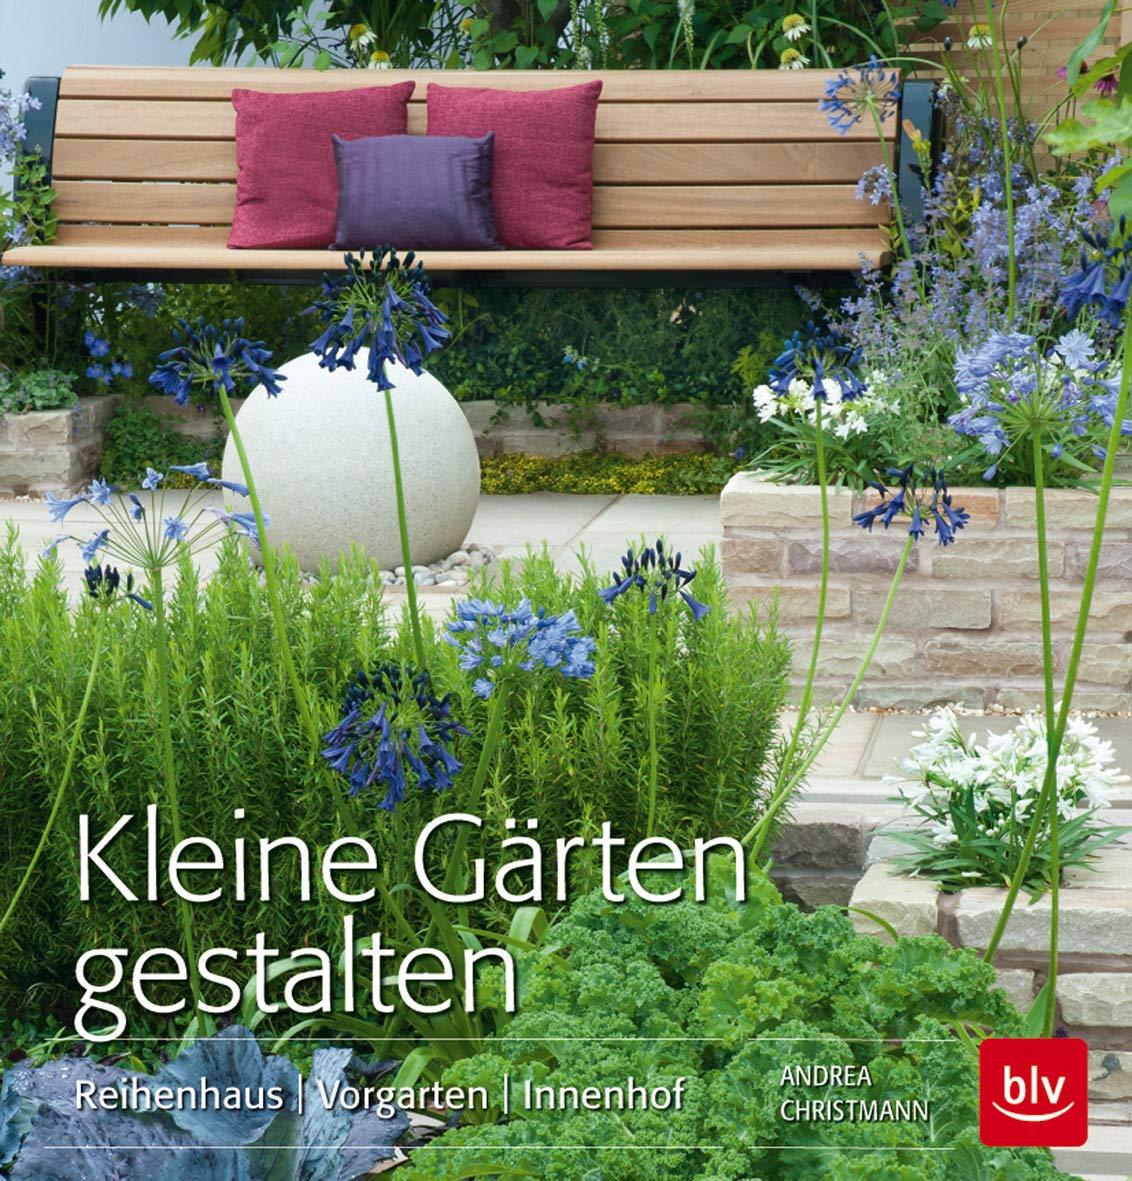 Kleine Gärten Gestalten Reihenhaus Vorgarten Innenhof Blv Amazon